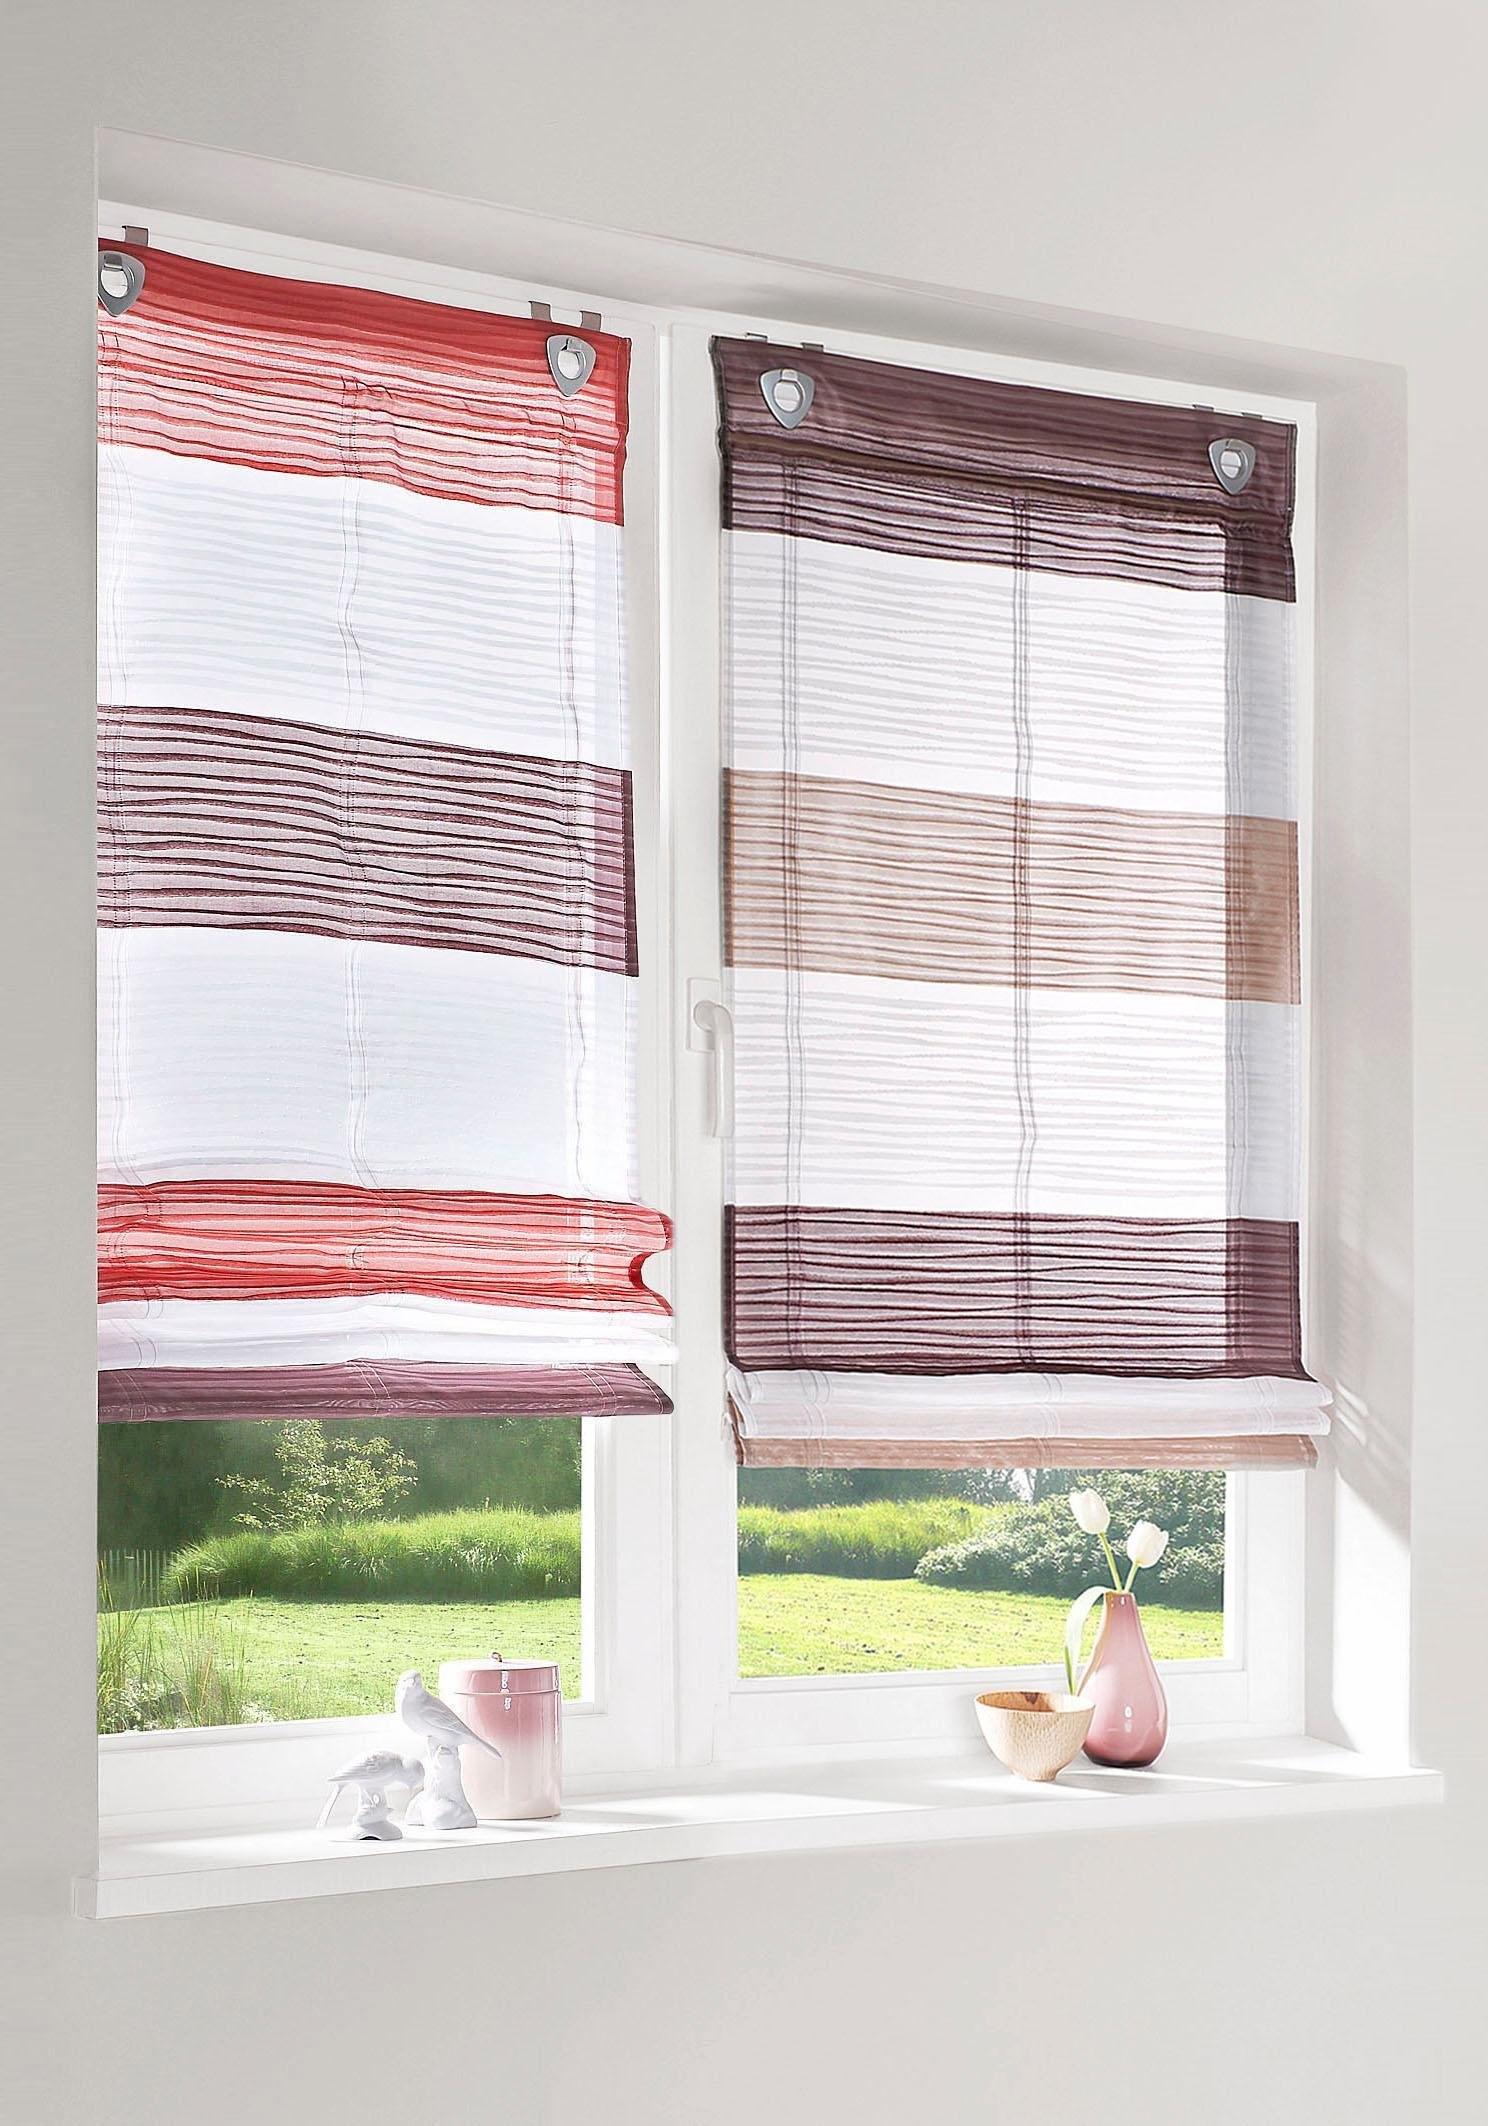 vouwgordijn home wohnideen 39 sarnia 39 online kopen otto. Black Bedroom Furniture Sets. Home Design Ideas